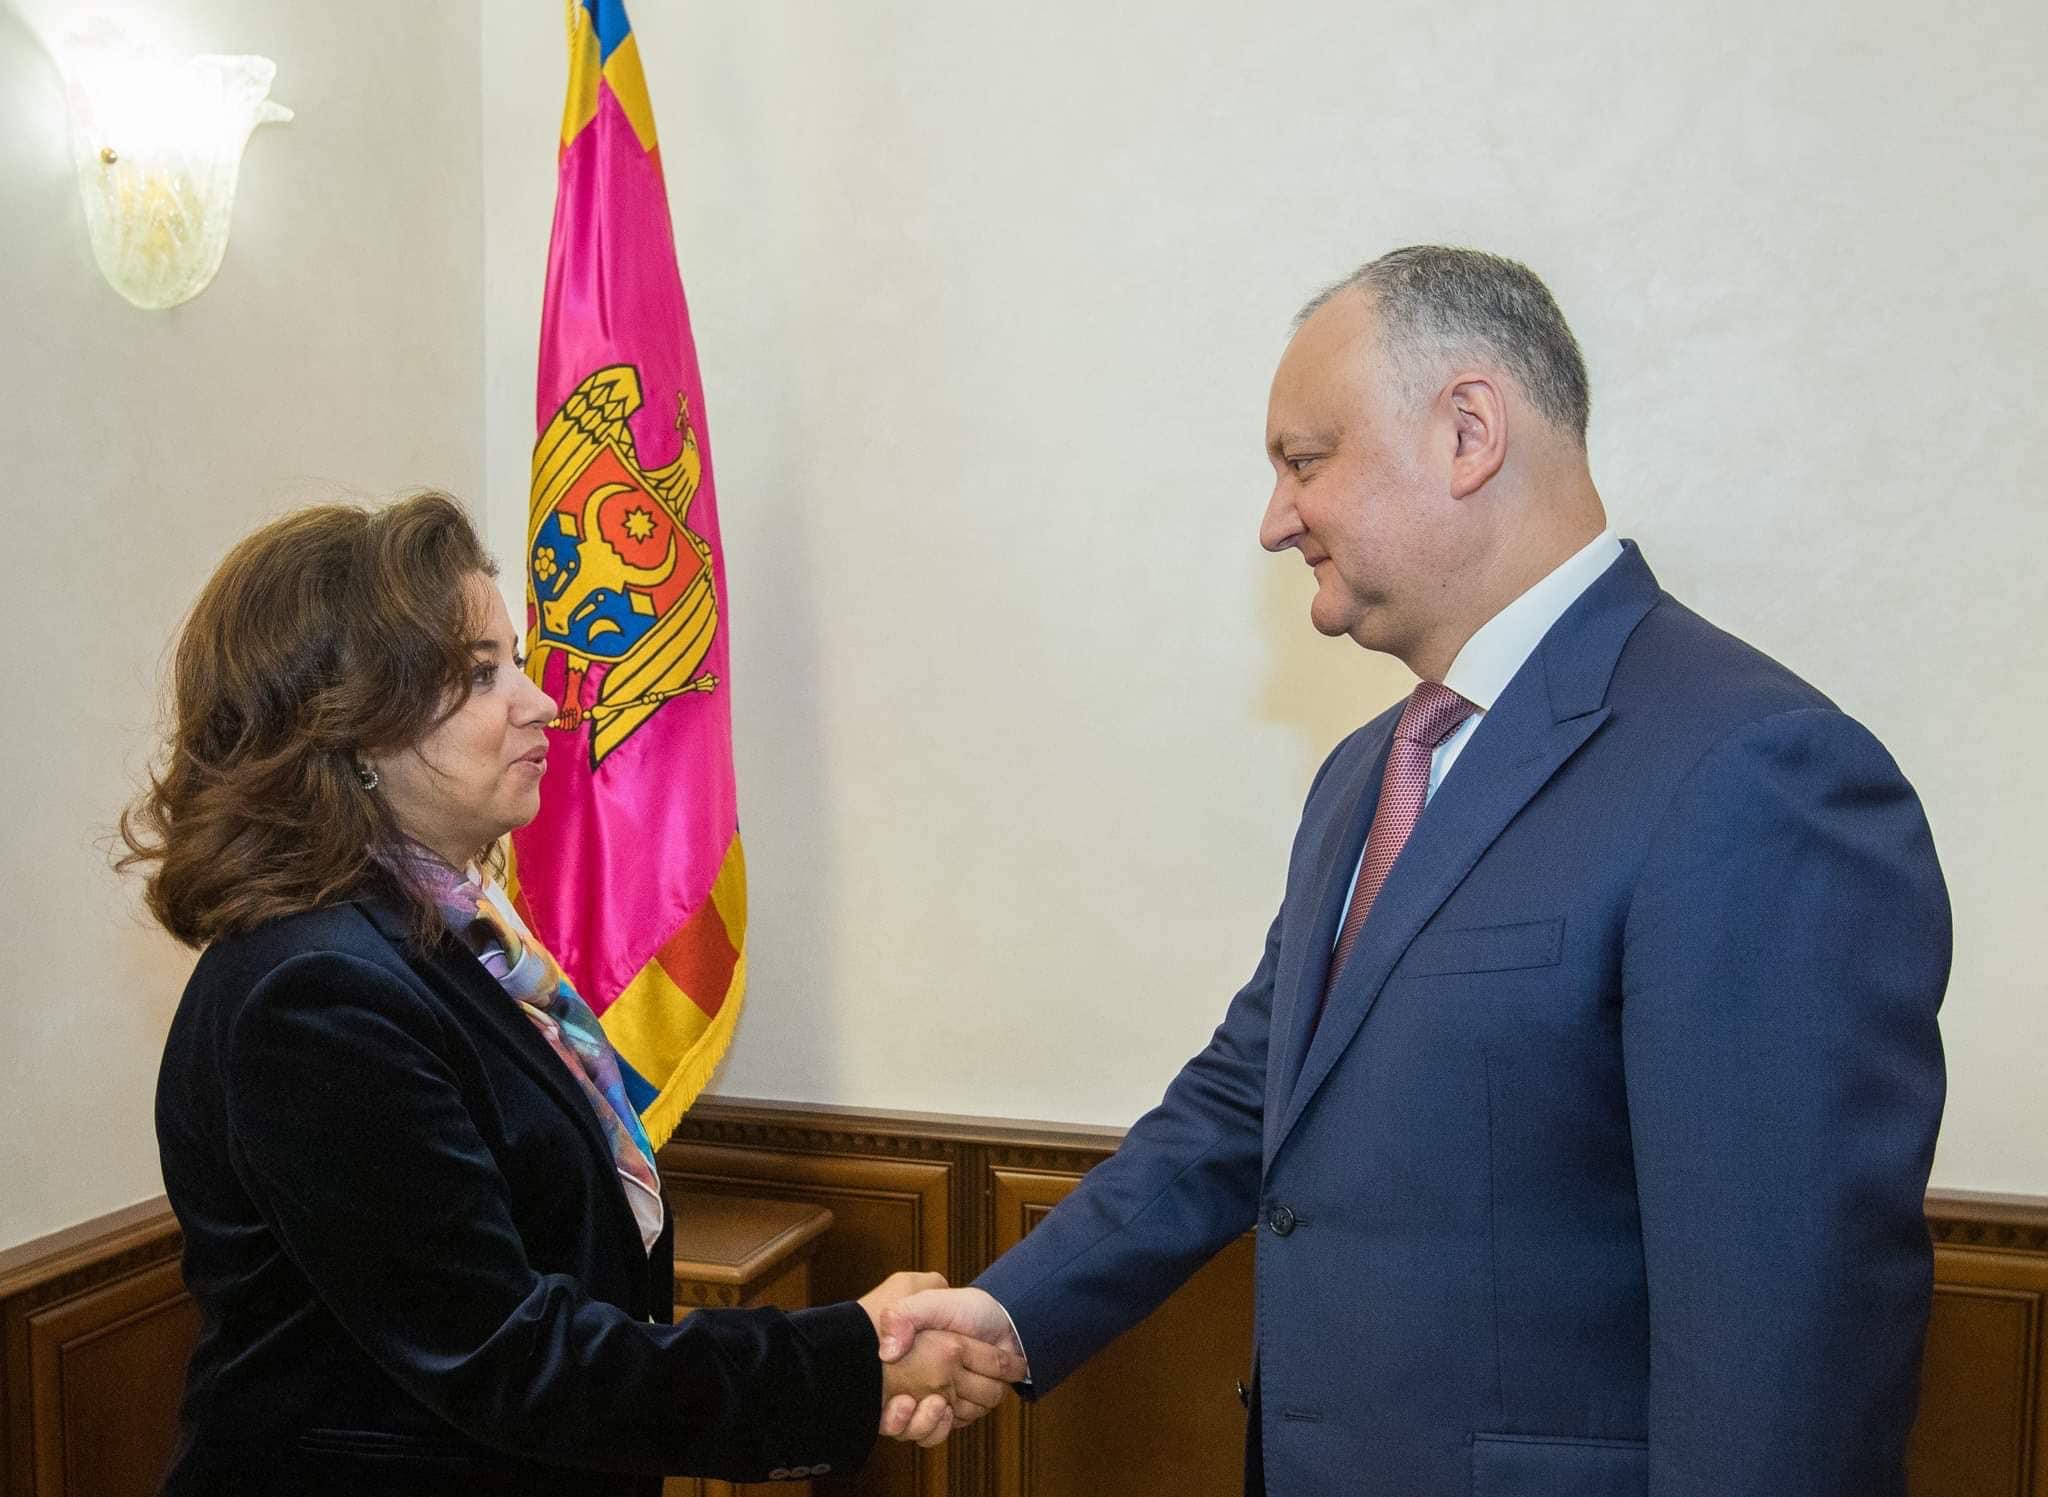 Додон встретился с новым резидентом-представителем Программы развития ООН в РМ (ФОТО, ВИДЕО)